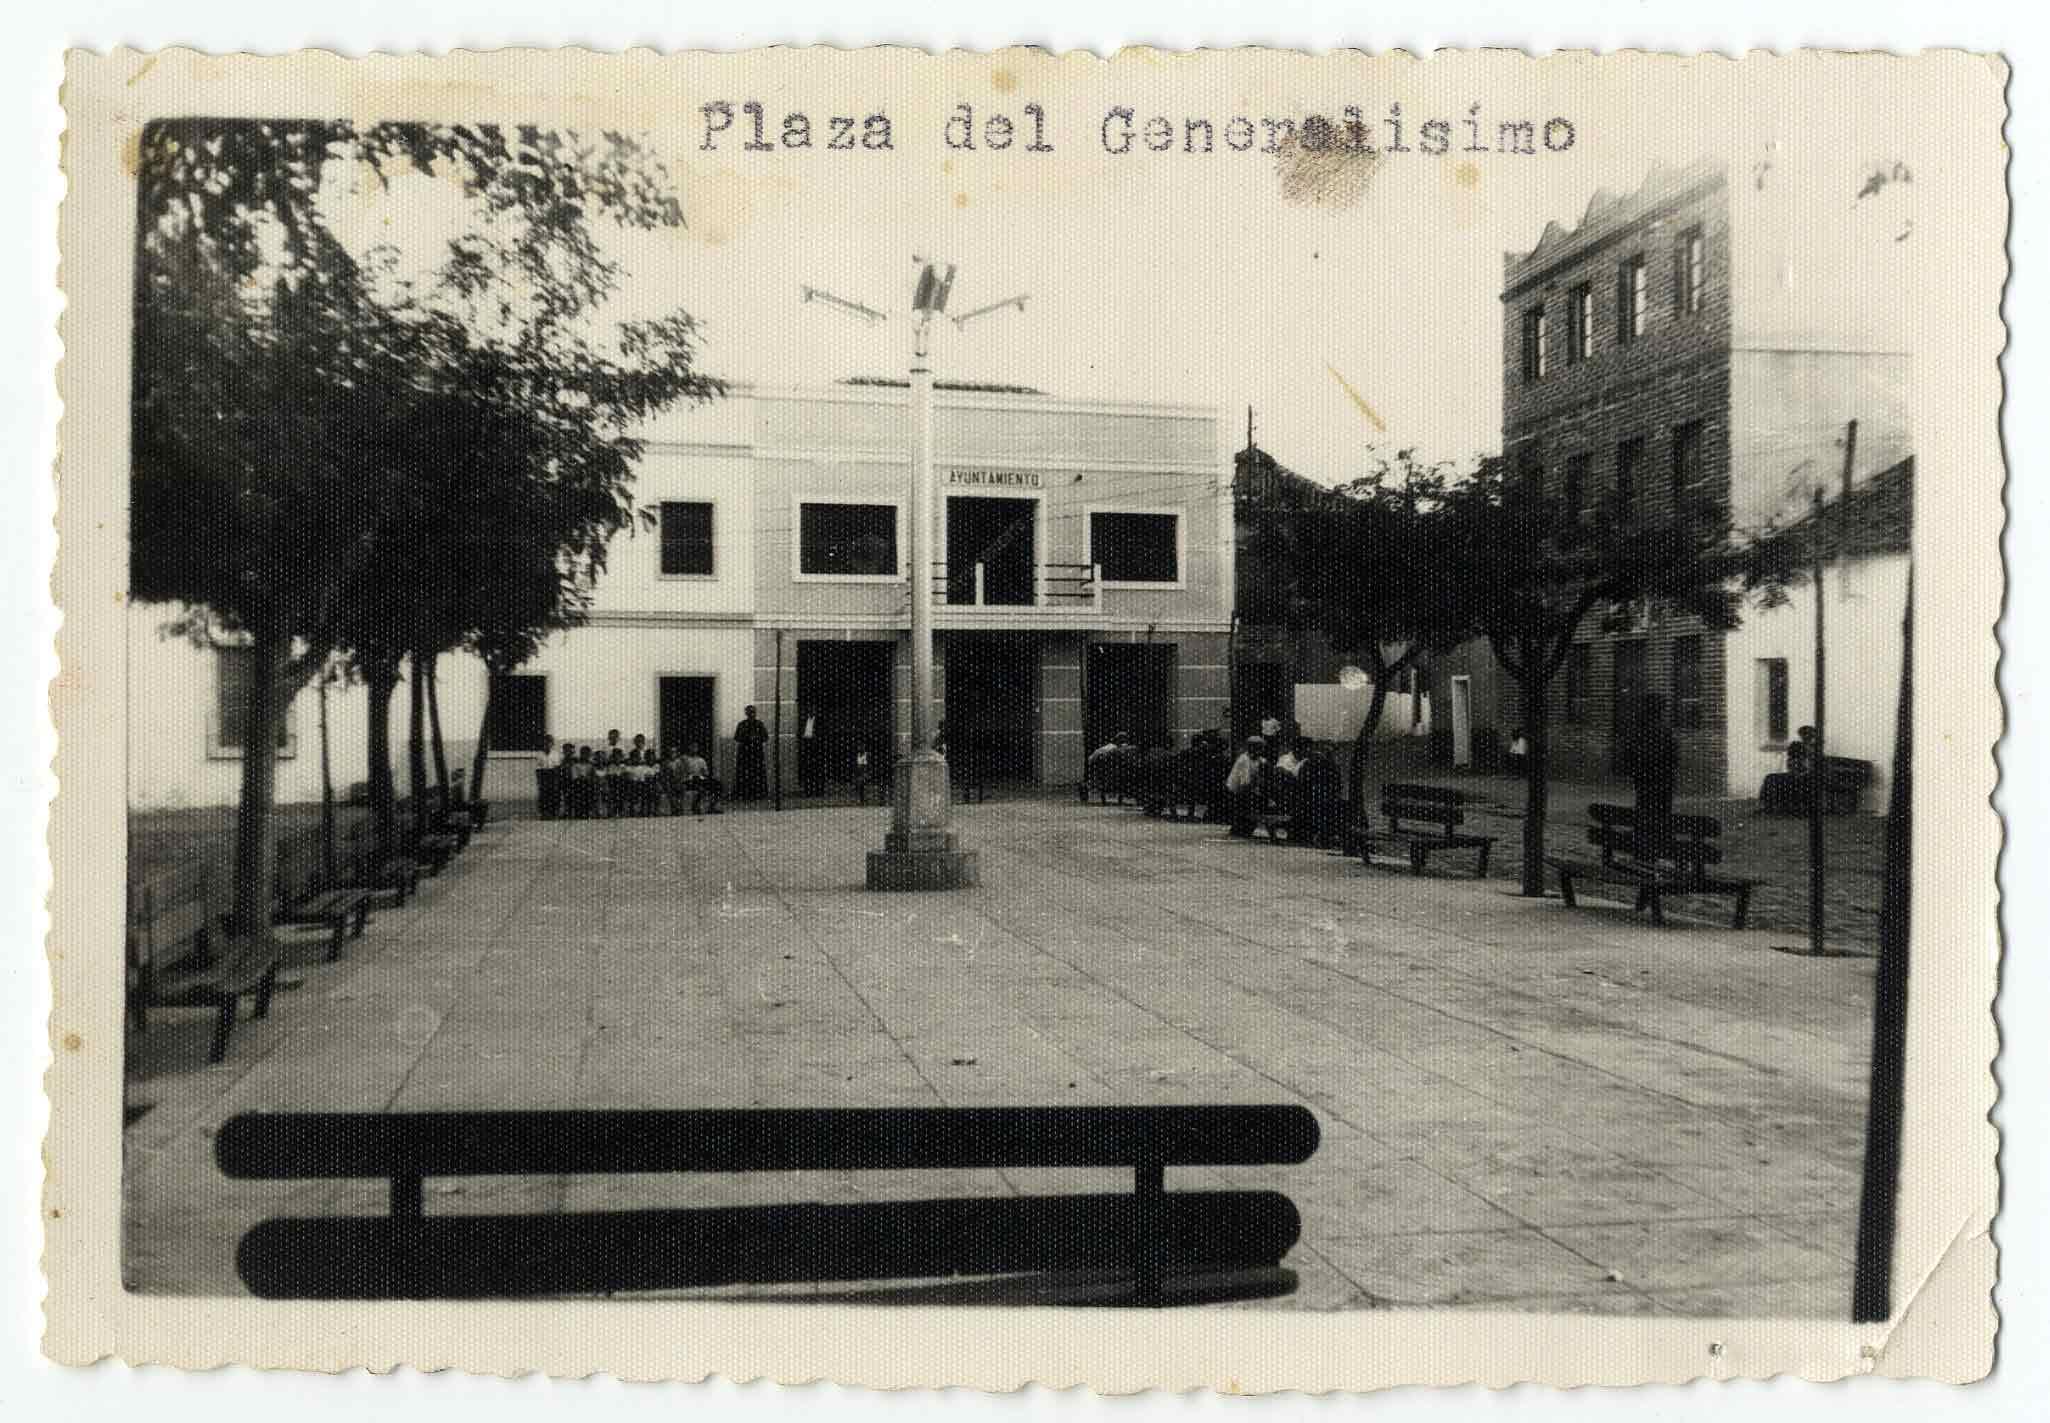 La Pueblanueva. Plaza del Generalísimo. 1960 (P-419)